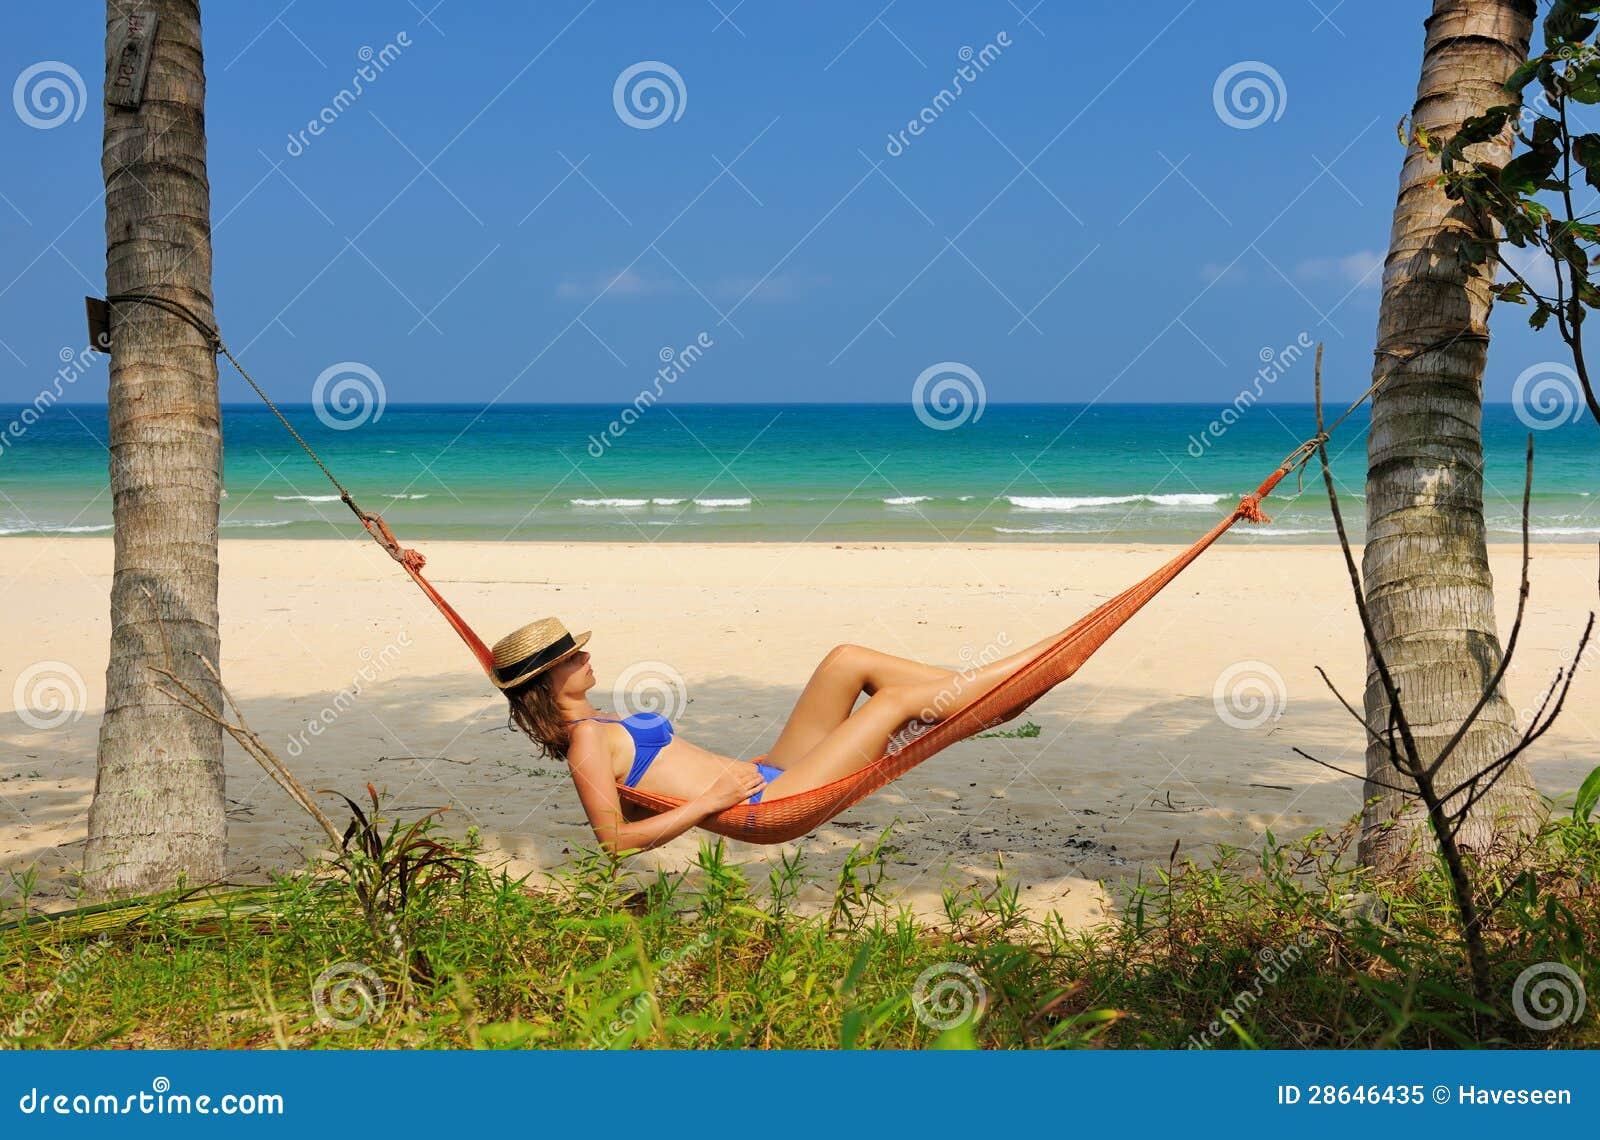 Mujer en hamaca en la playa foto de archivo libre de - Hamacas de playa ...